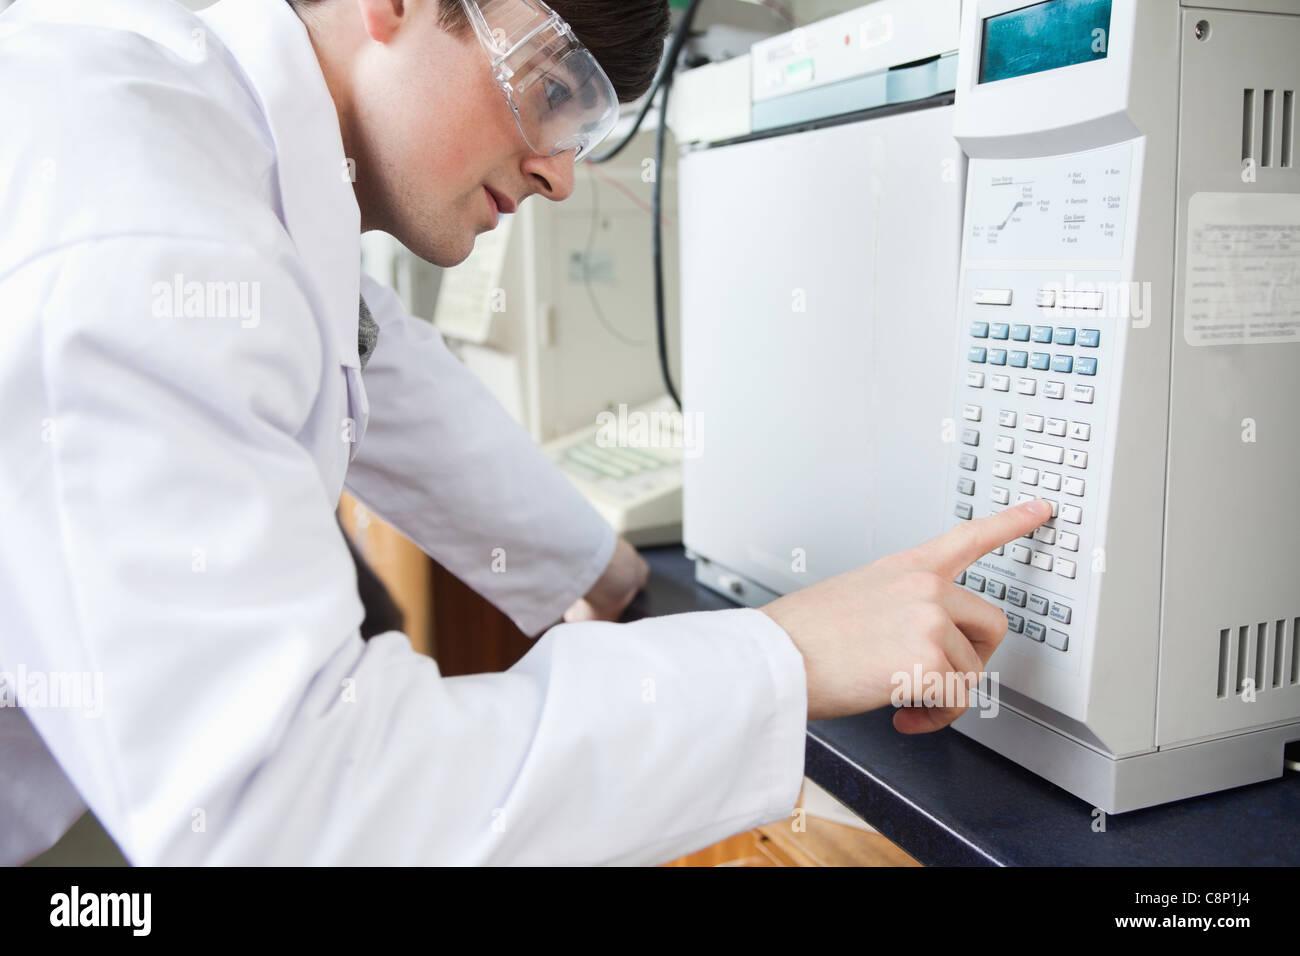 Étudiant en sciences à l'aide d'un four à chambre de laboratoire dans un laboratoire Photo Stock